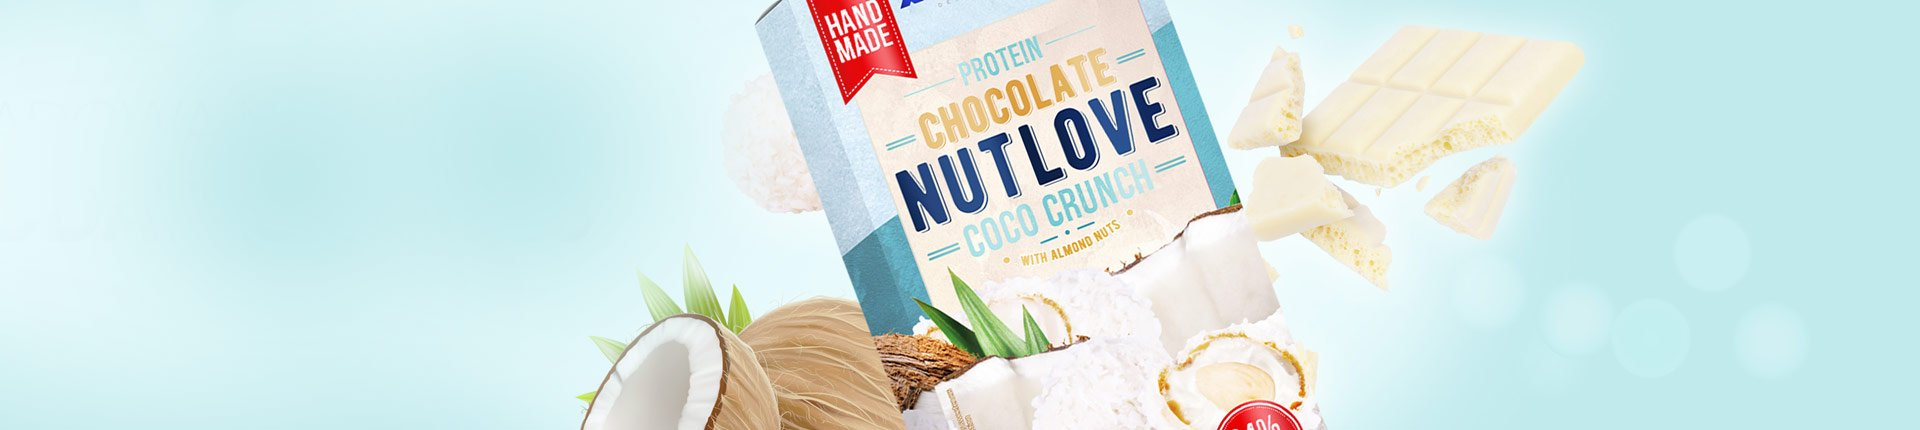 Pyszna białkowa biała czekolada bez cukru - PROTEIN CHOCOLATE NUTLOVE